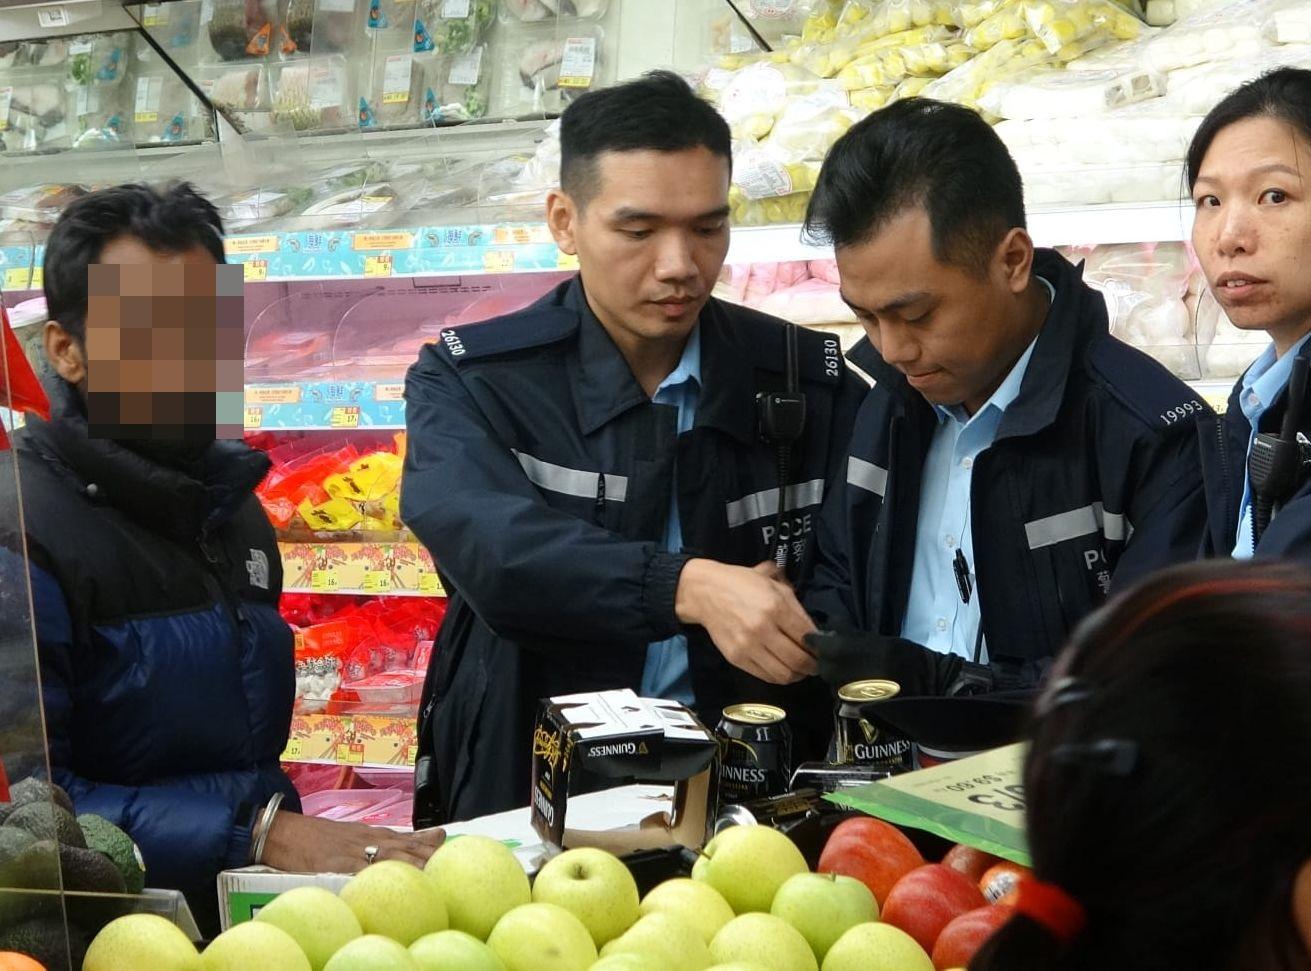 警方接報到場調查,並拘捕該名南亞裔男子。